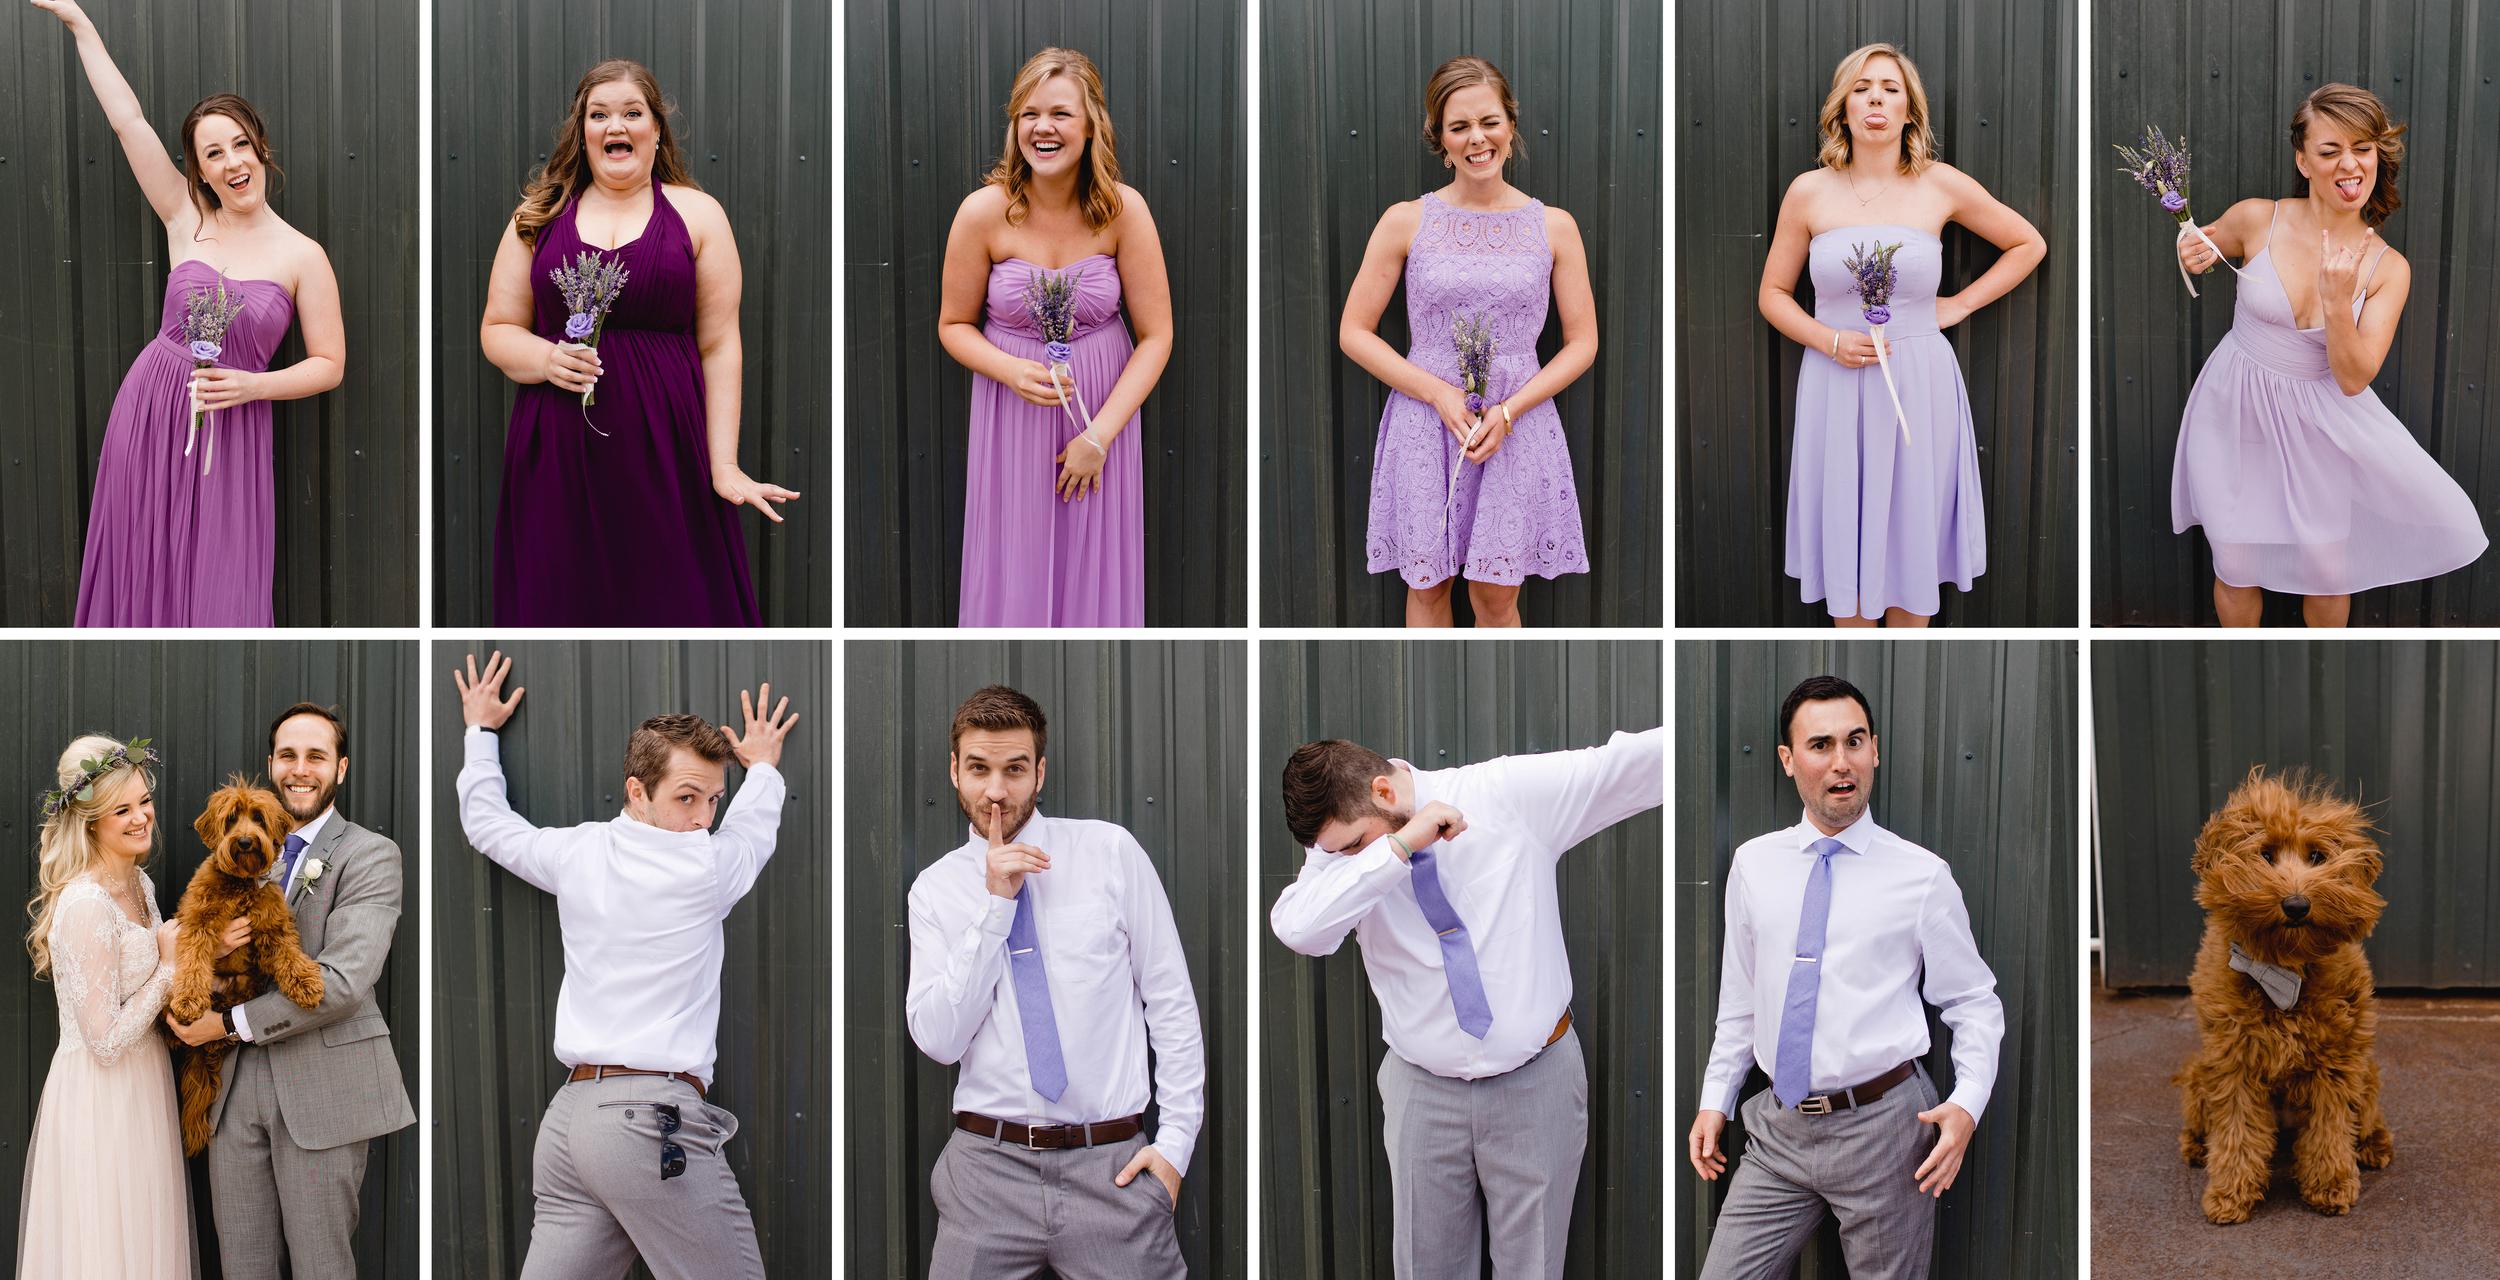 ginapaulsonphotography-macadamwedding-weddingparty.jpg